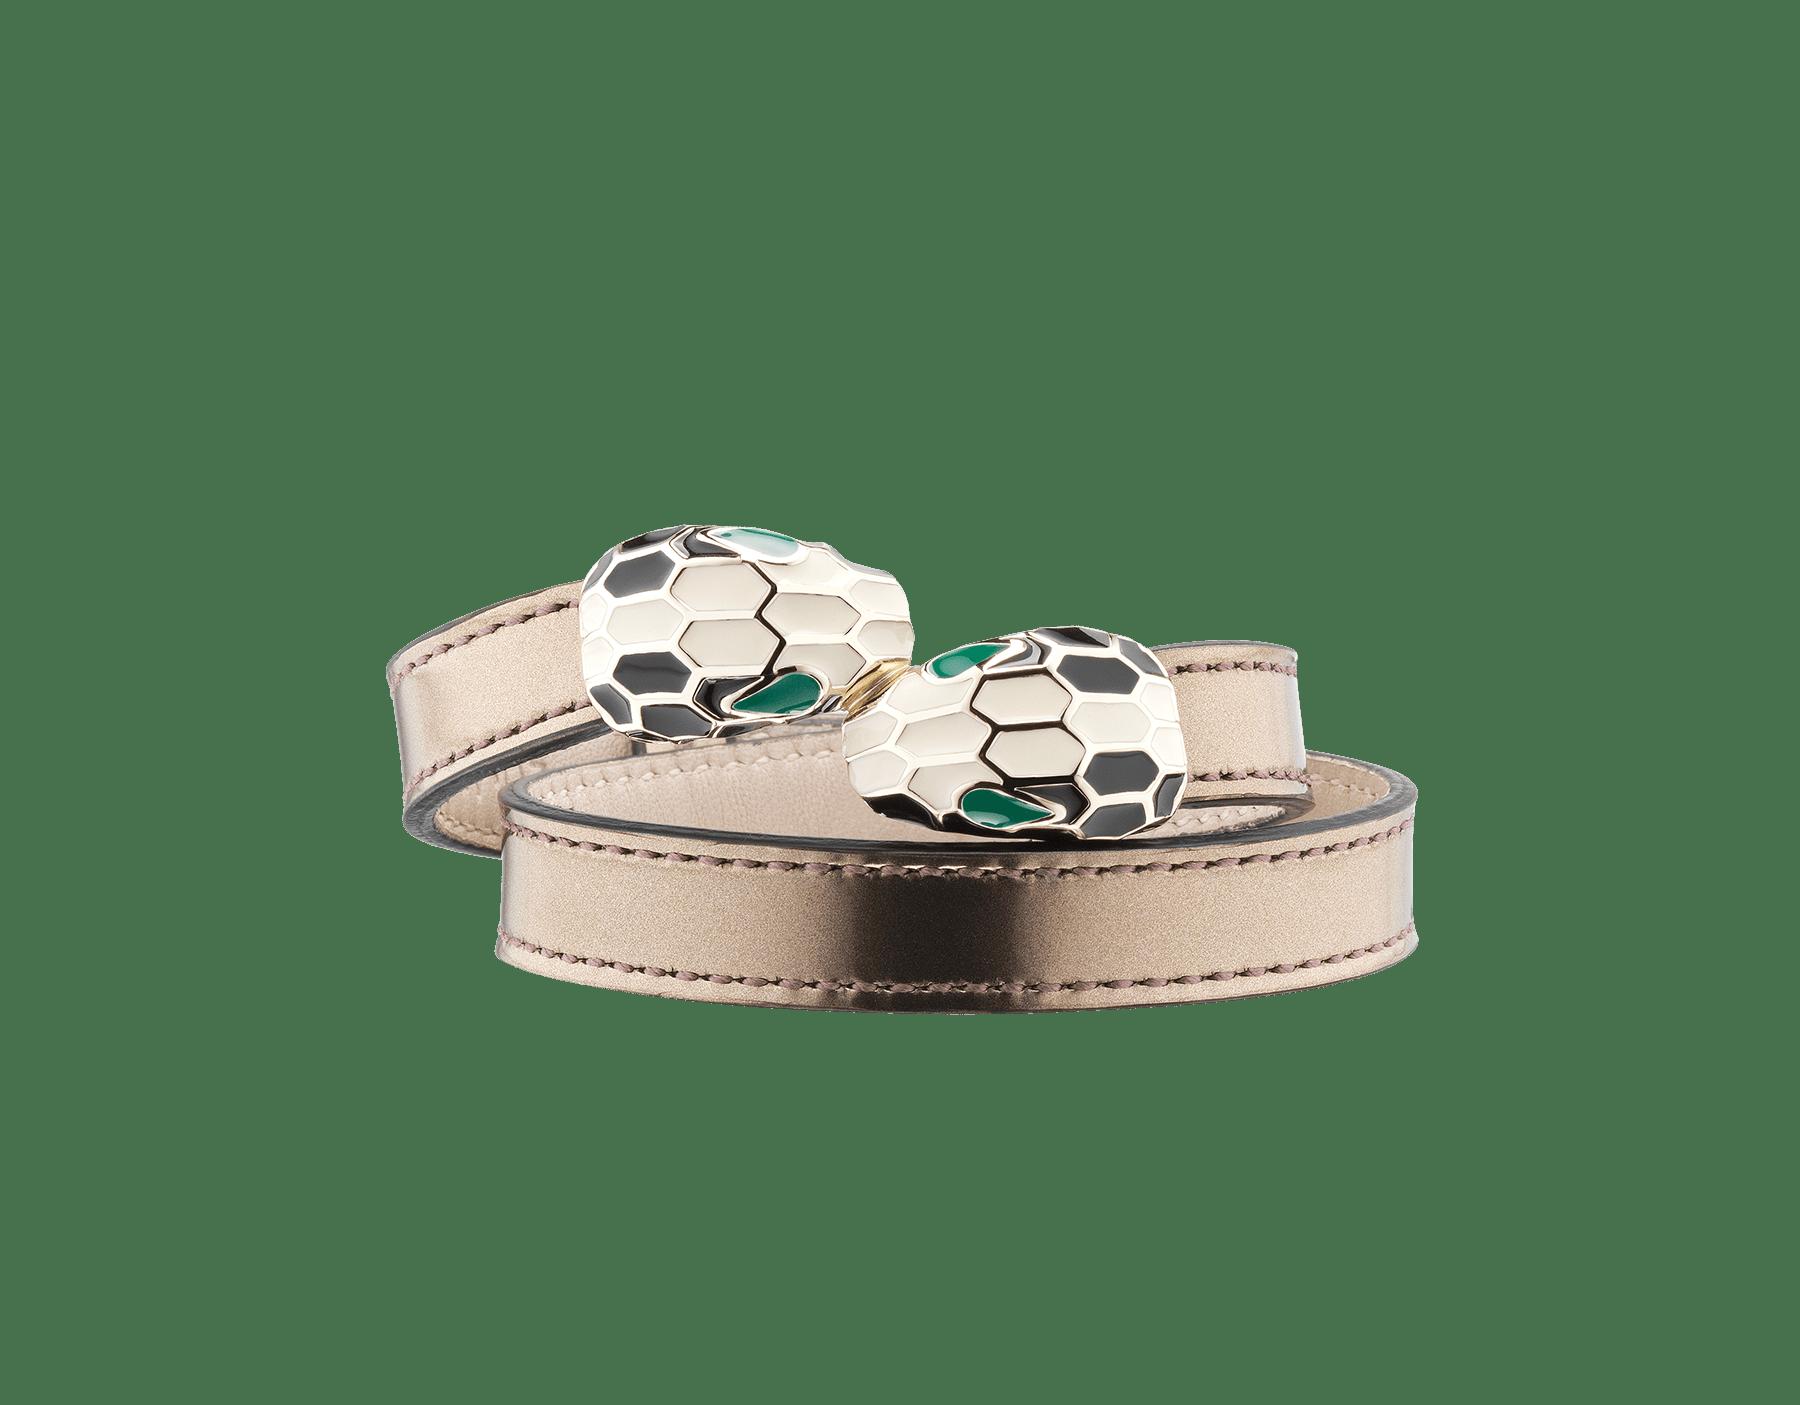 Bracelet multi-tours en cuir de veau métallisé brossé bronze ancien. Fermoir Serpenti renversé emblématique en laiton plaqué or pâle et émail noir et blanc avec yeux en émail malachite. MCSerp-BMCL-AB image 1